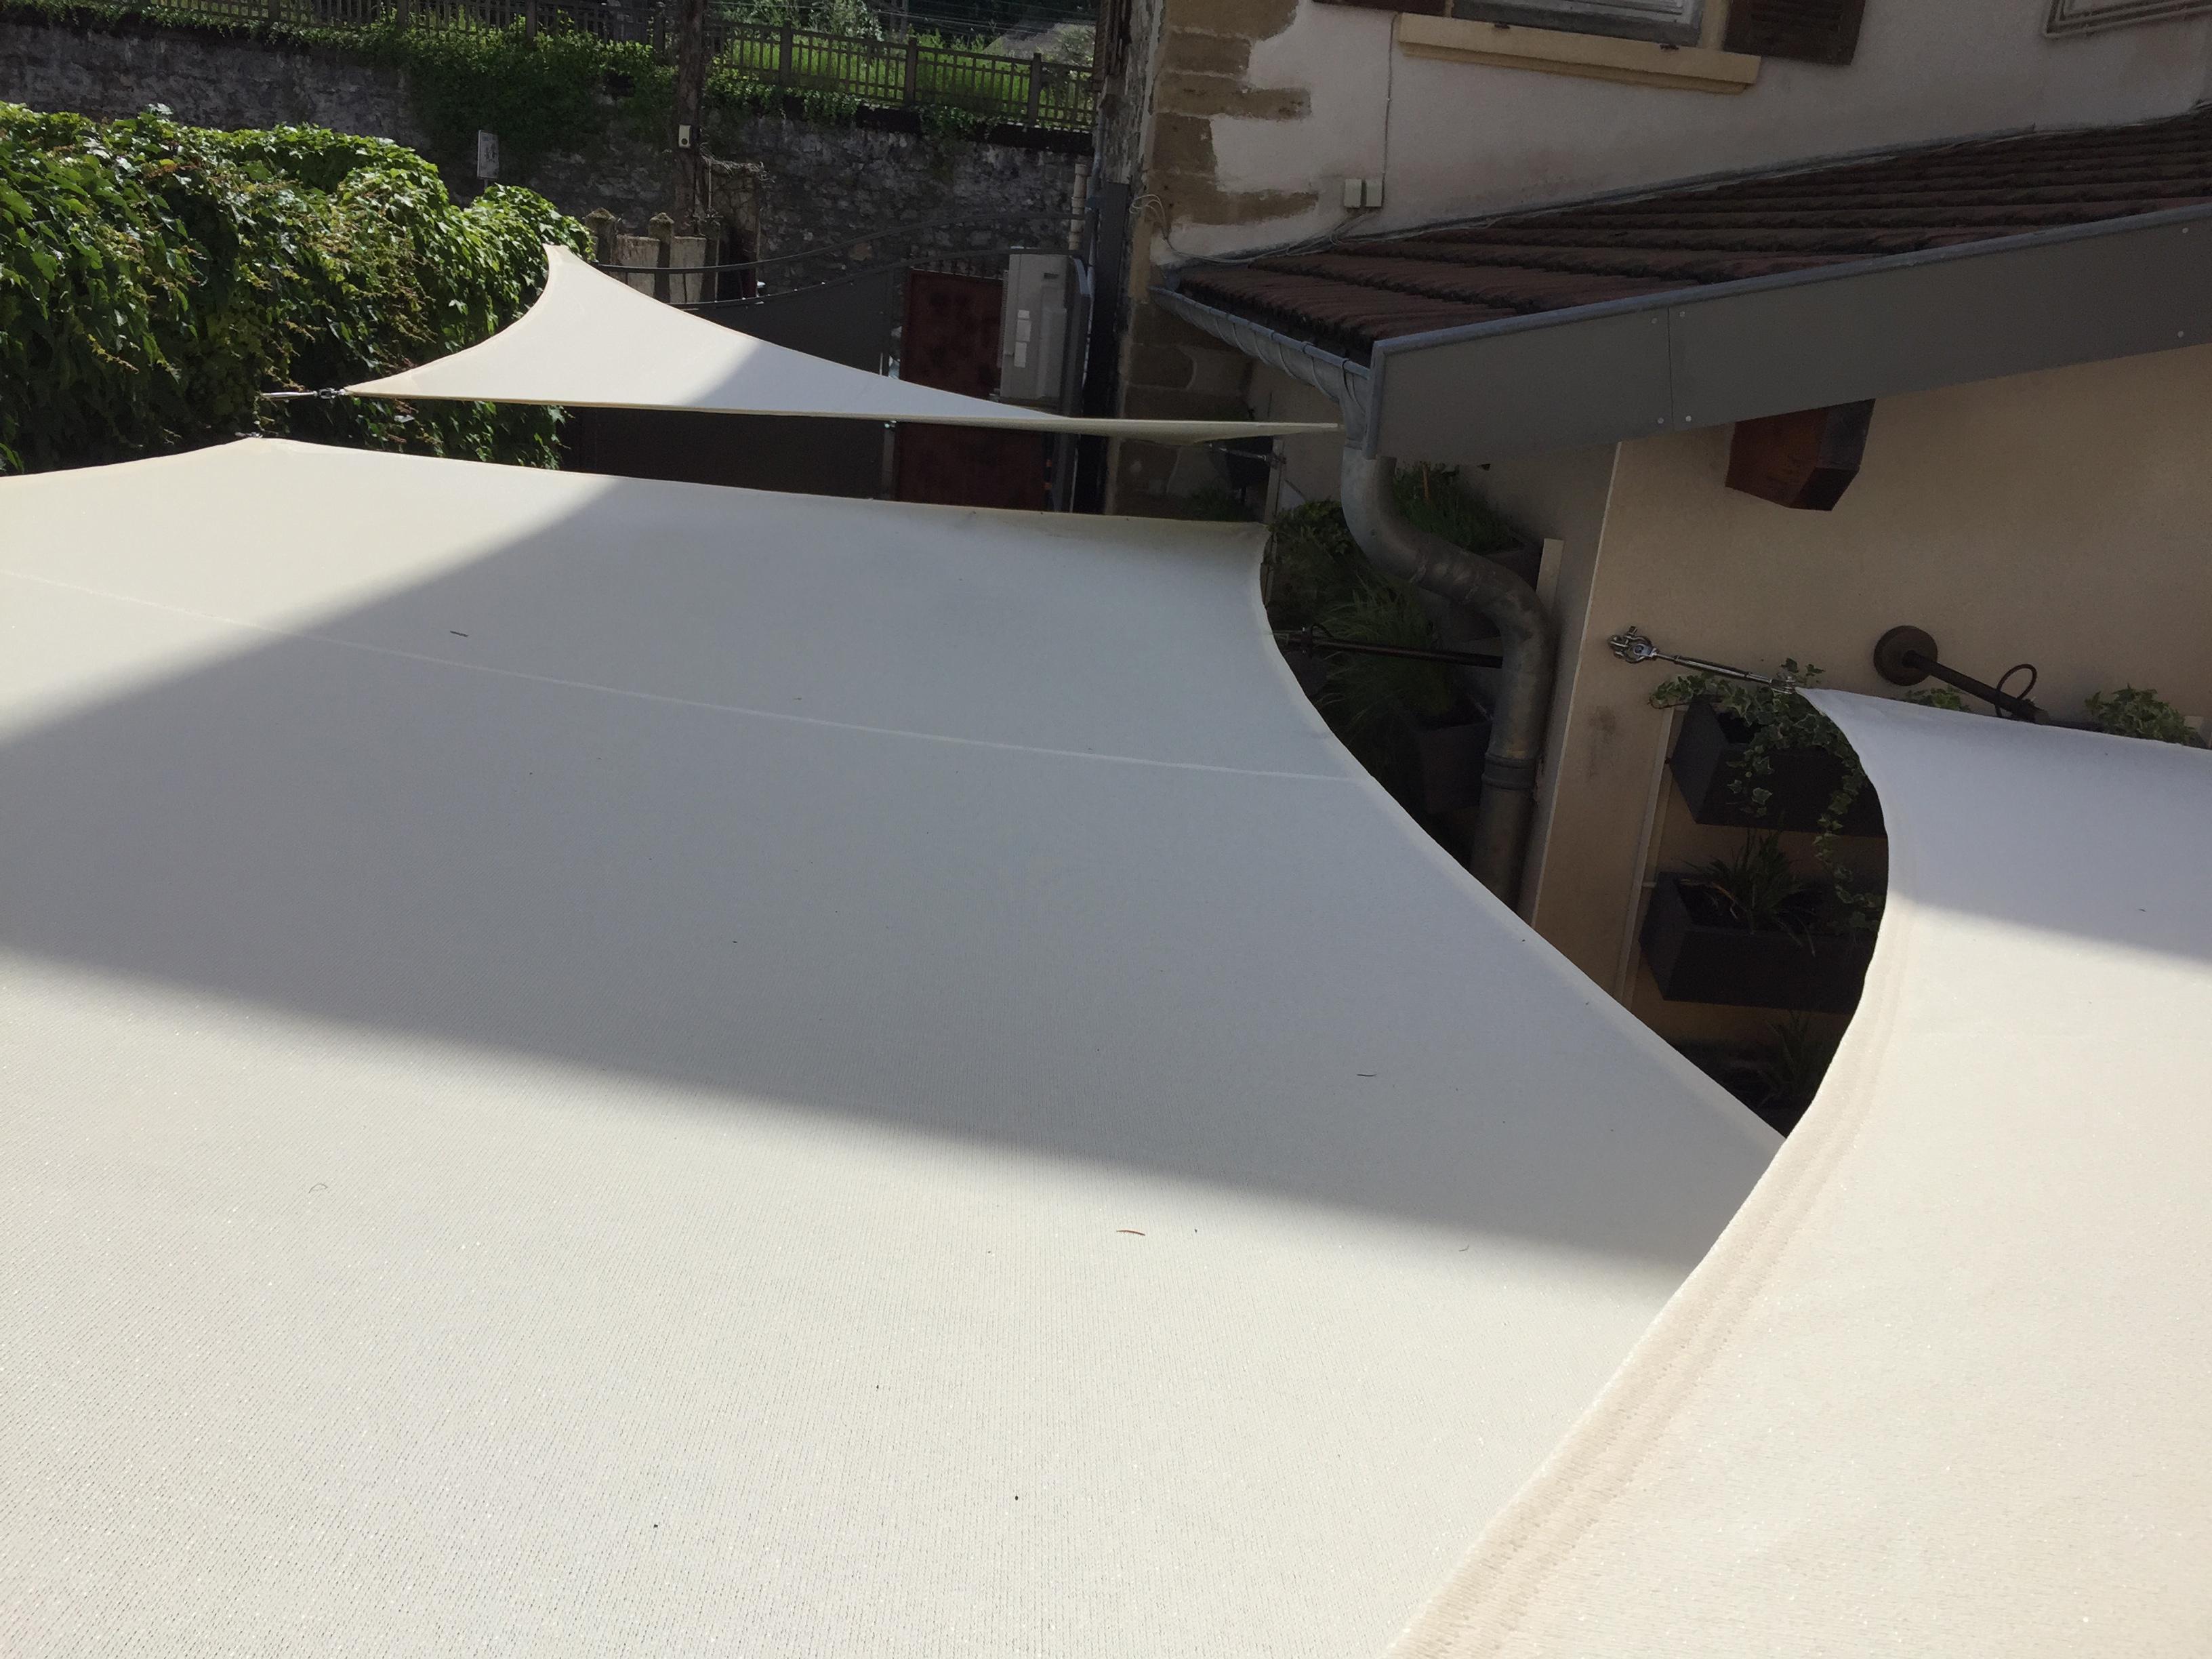 Voile D Ombrage 6 X 4 abrivoile/ voile d'ombrage sur mesure / socotex / france